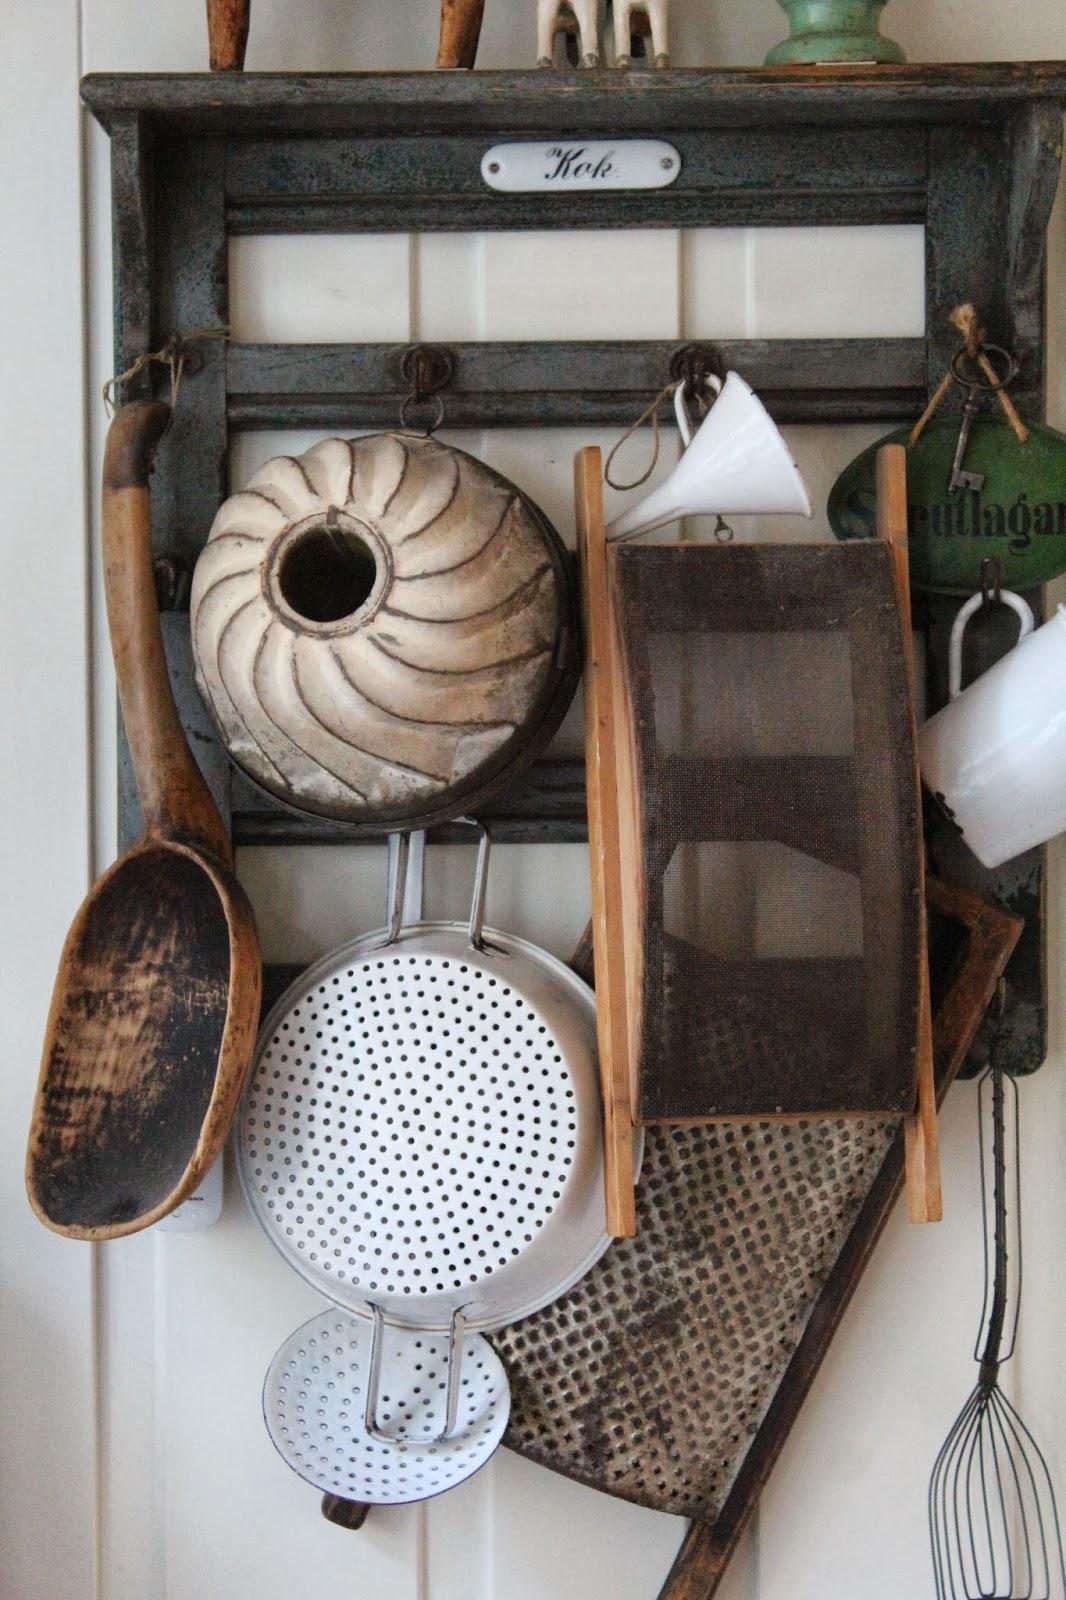 #8E5F3D Bedst K&Co. Antiques´s Blog.: Country Kitchen Med Miks Af Industrie  Fransk Landkøkken Stil 4823 106616004823